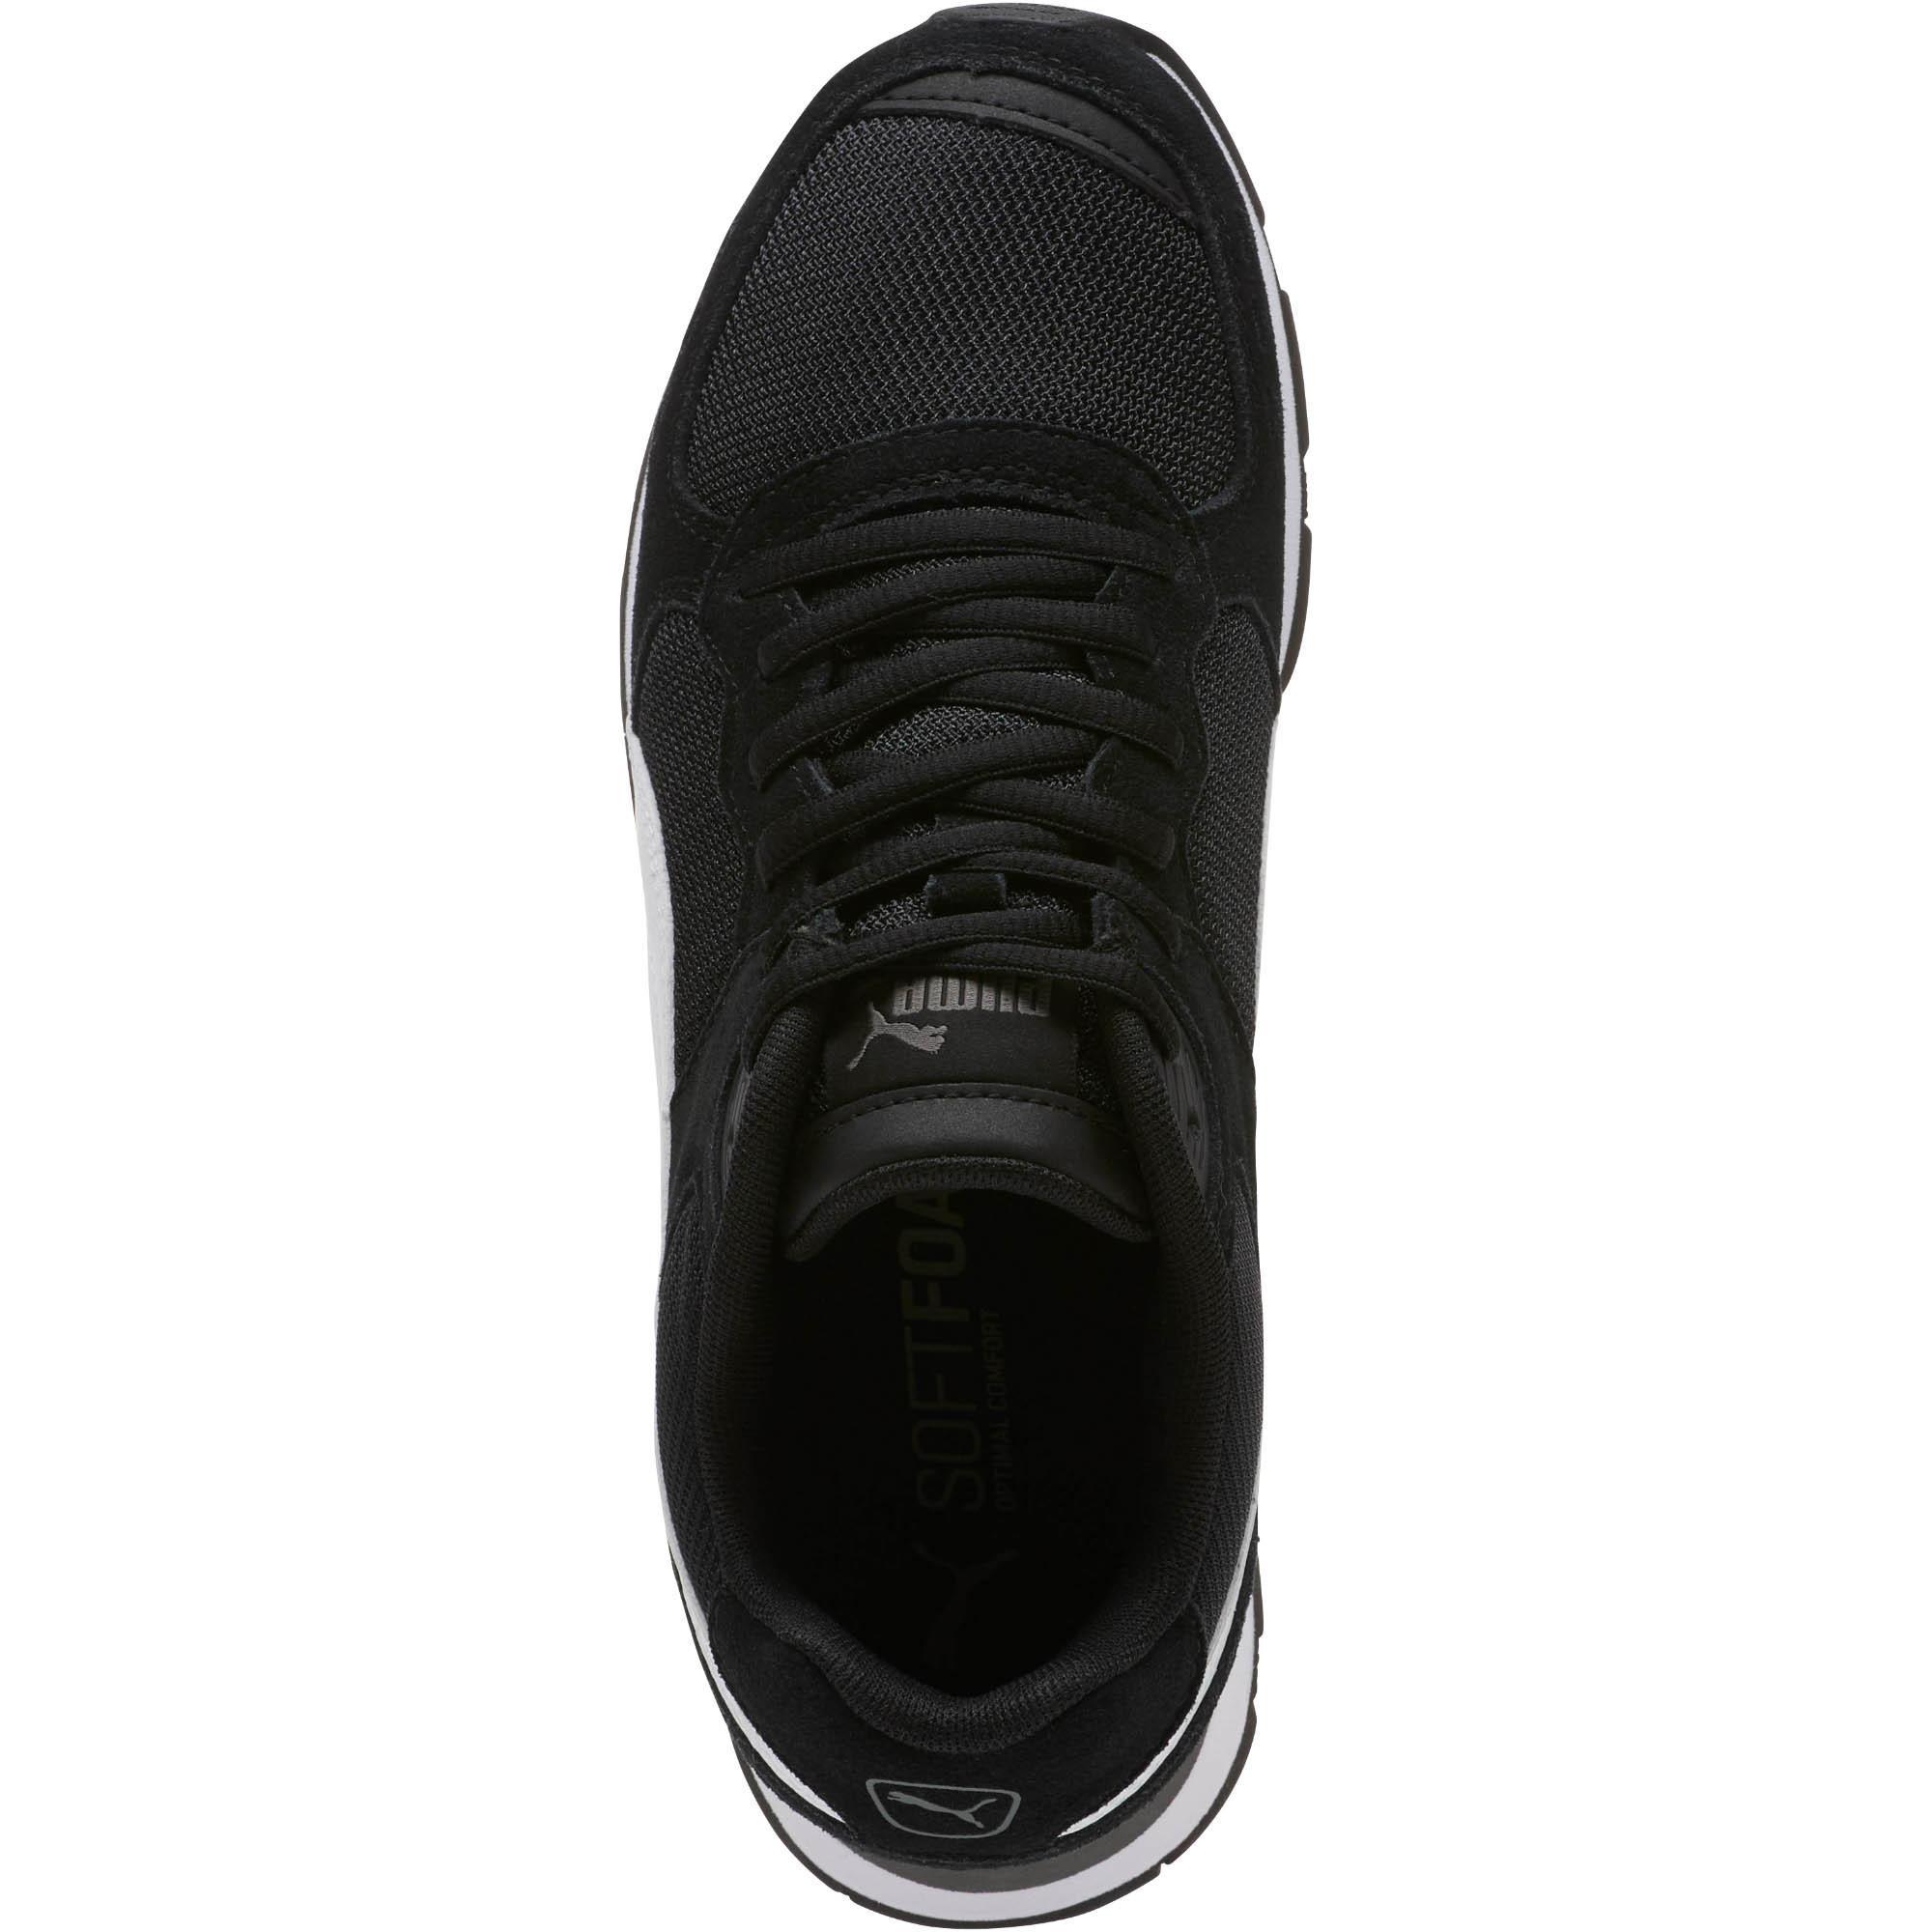 bf2e54835ffd2 PUMA Vista Women s Sneakers in Black - Lyst